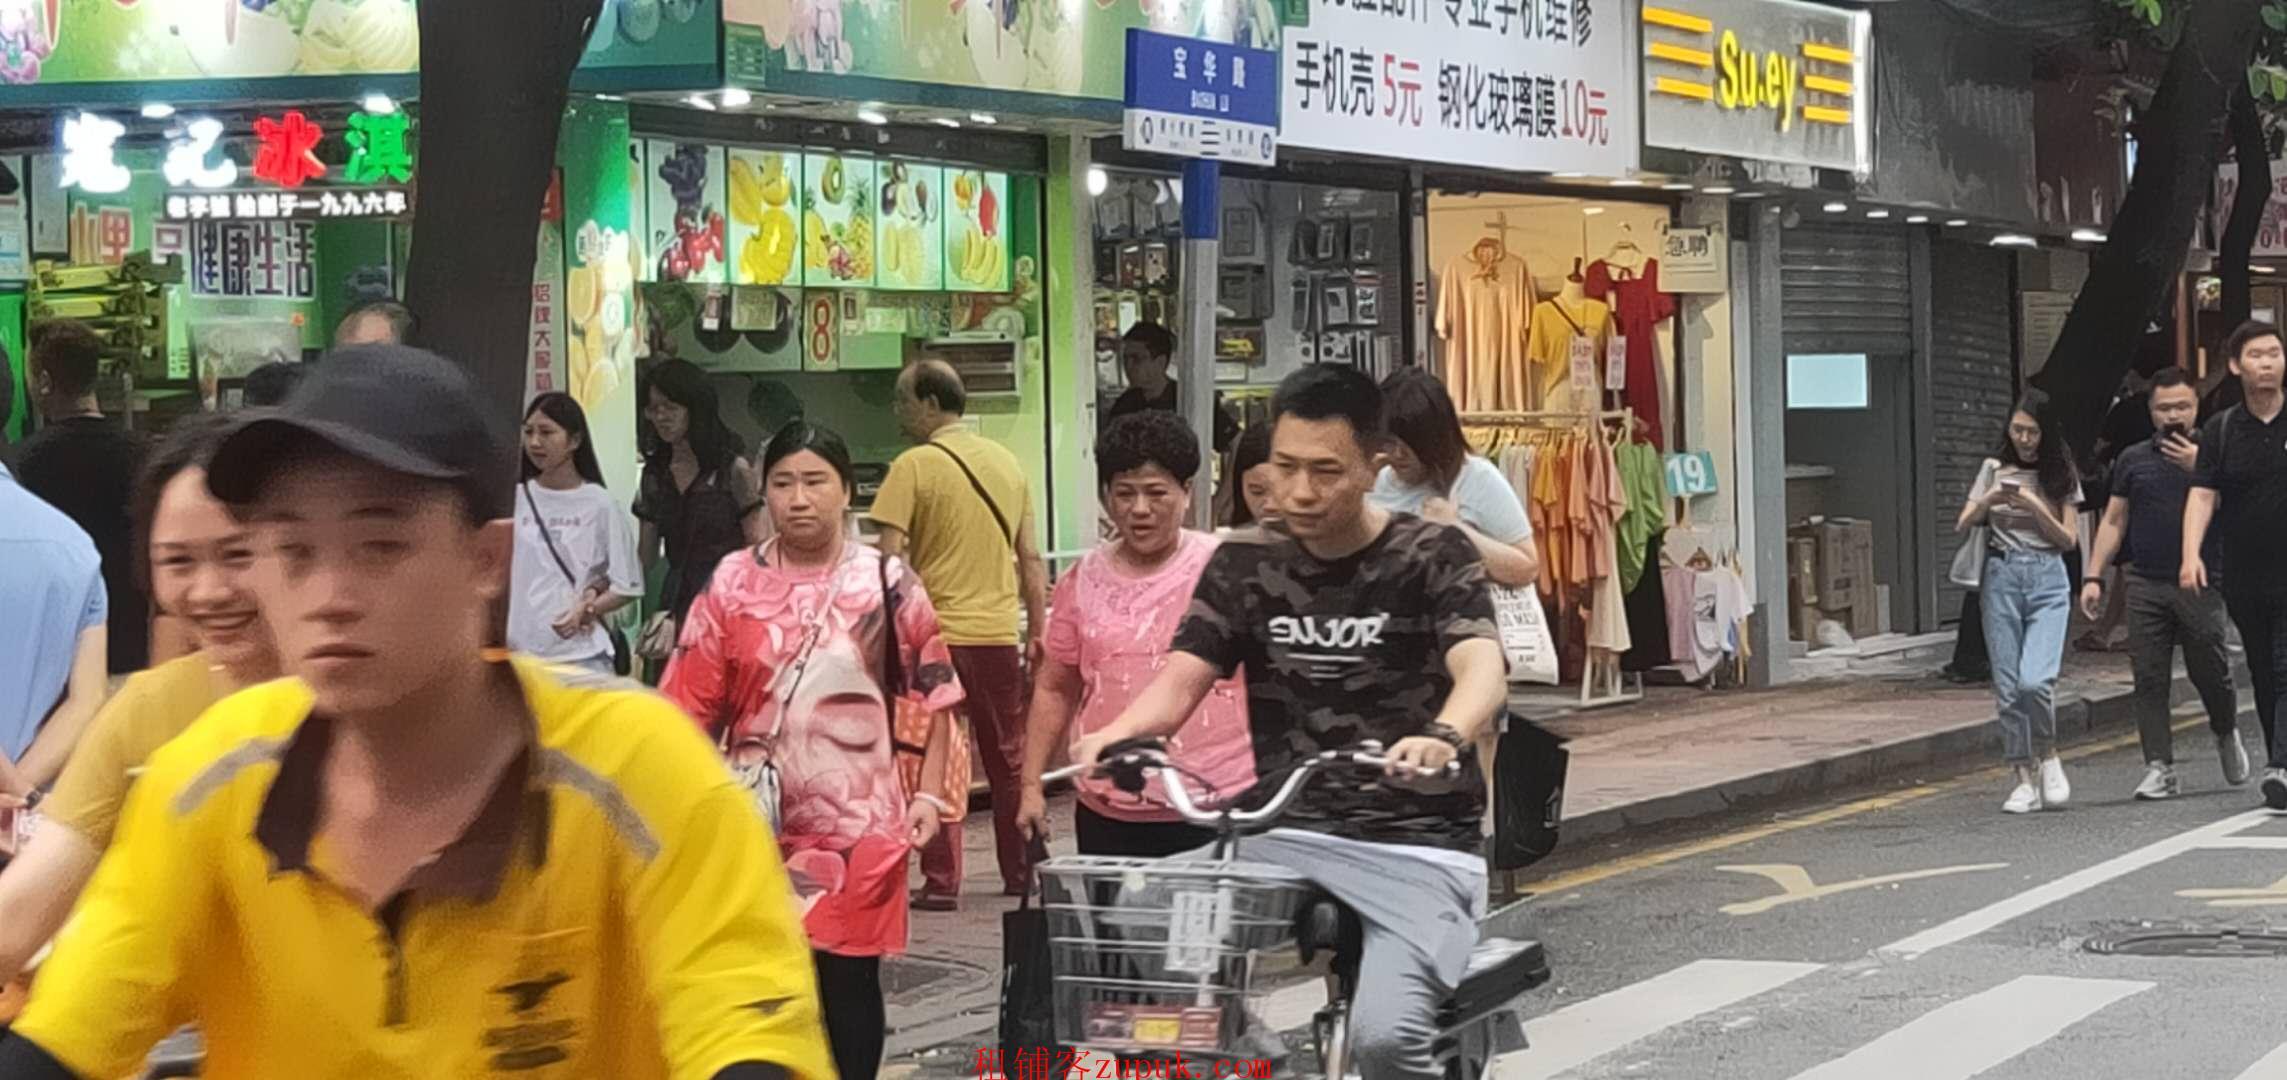 江南西地铁站商圈,小吃店门口人超多,生意好做业态不限